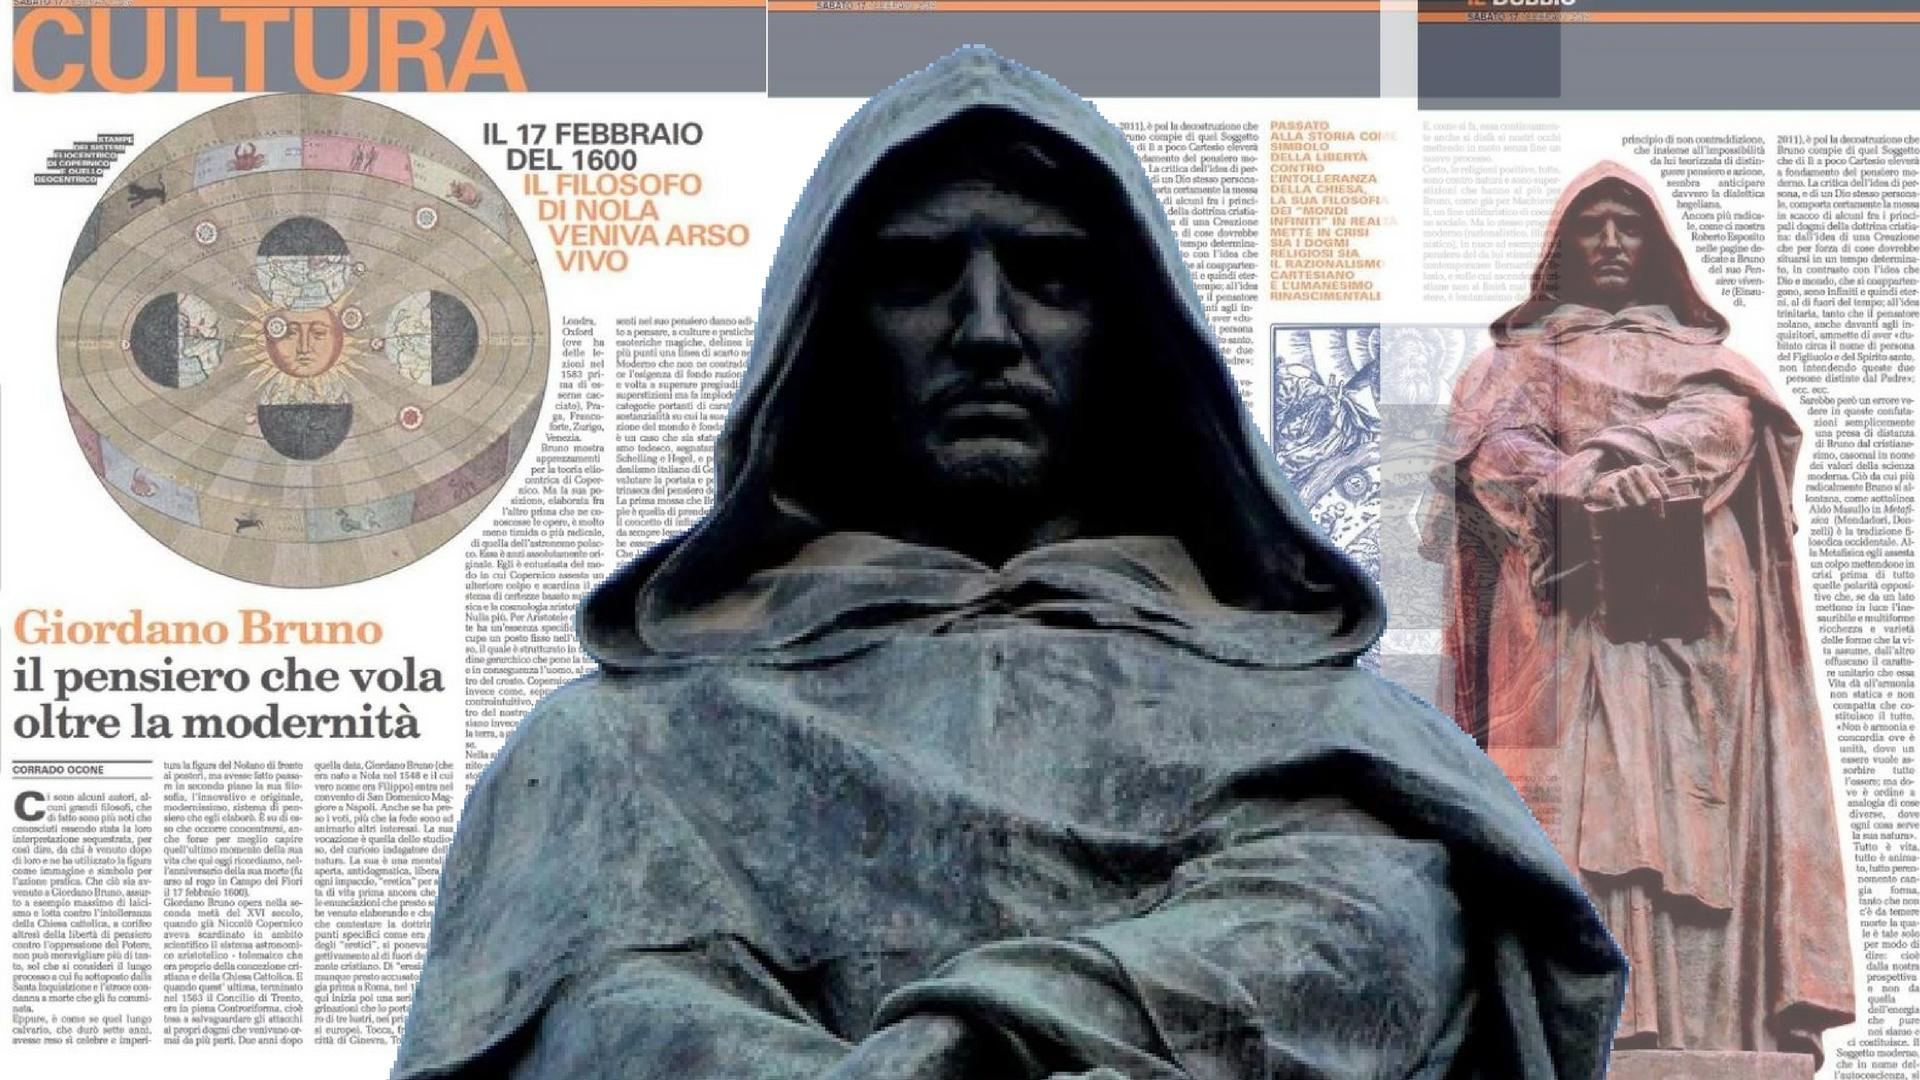 Giordano Bruno, il pensiero che vola oltre la modernità